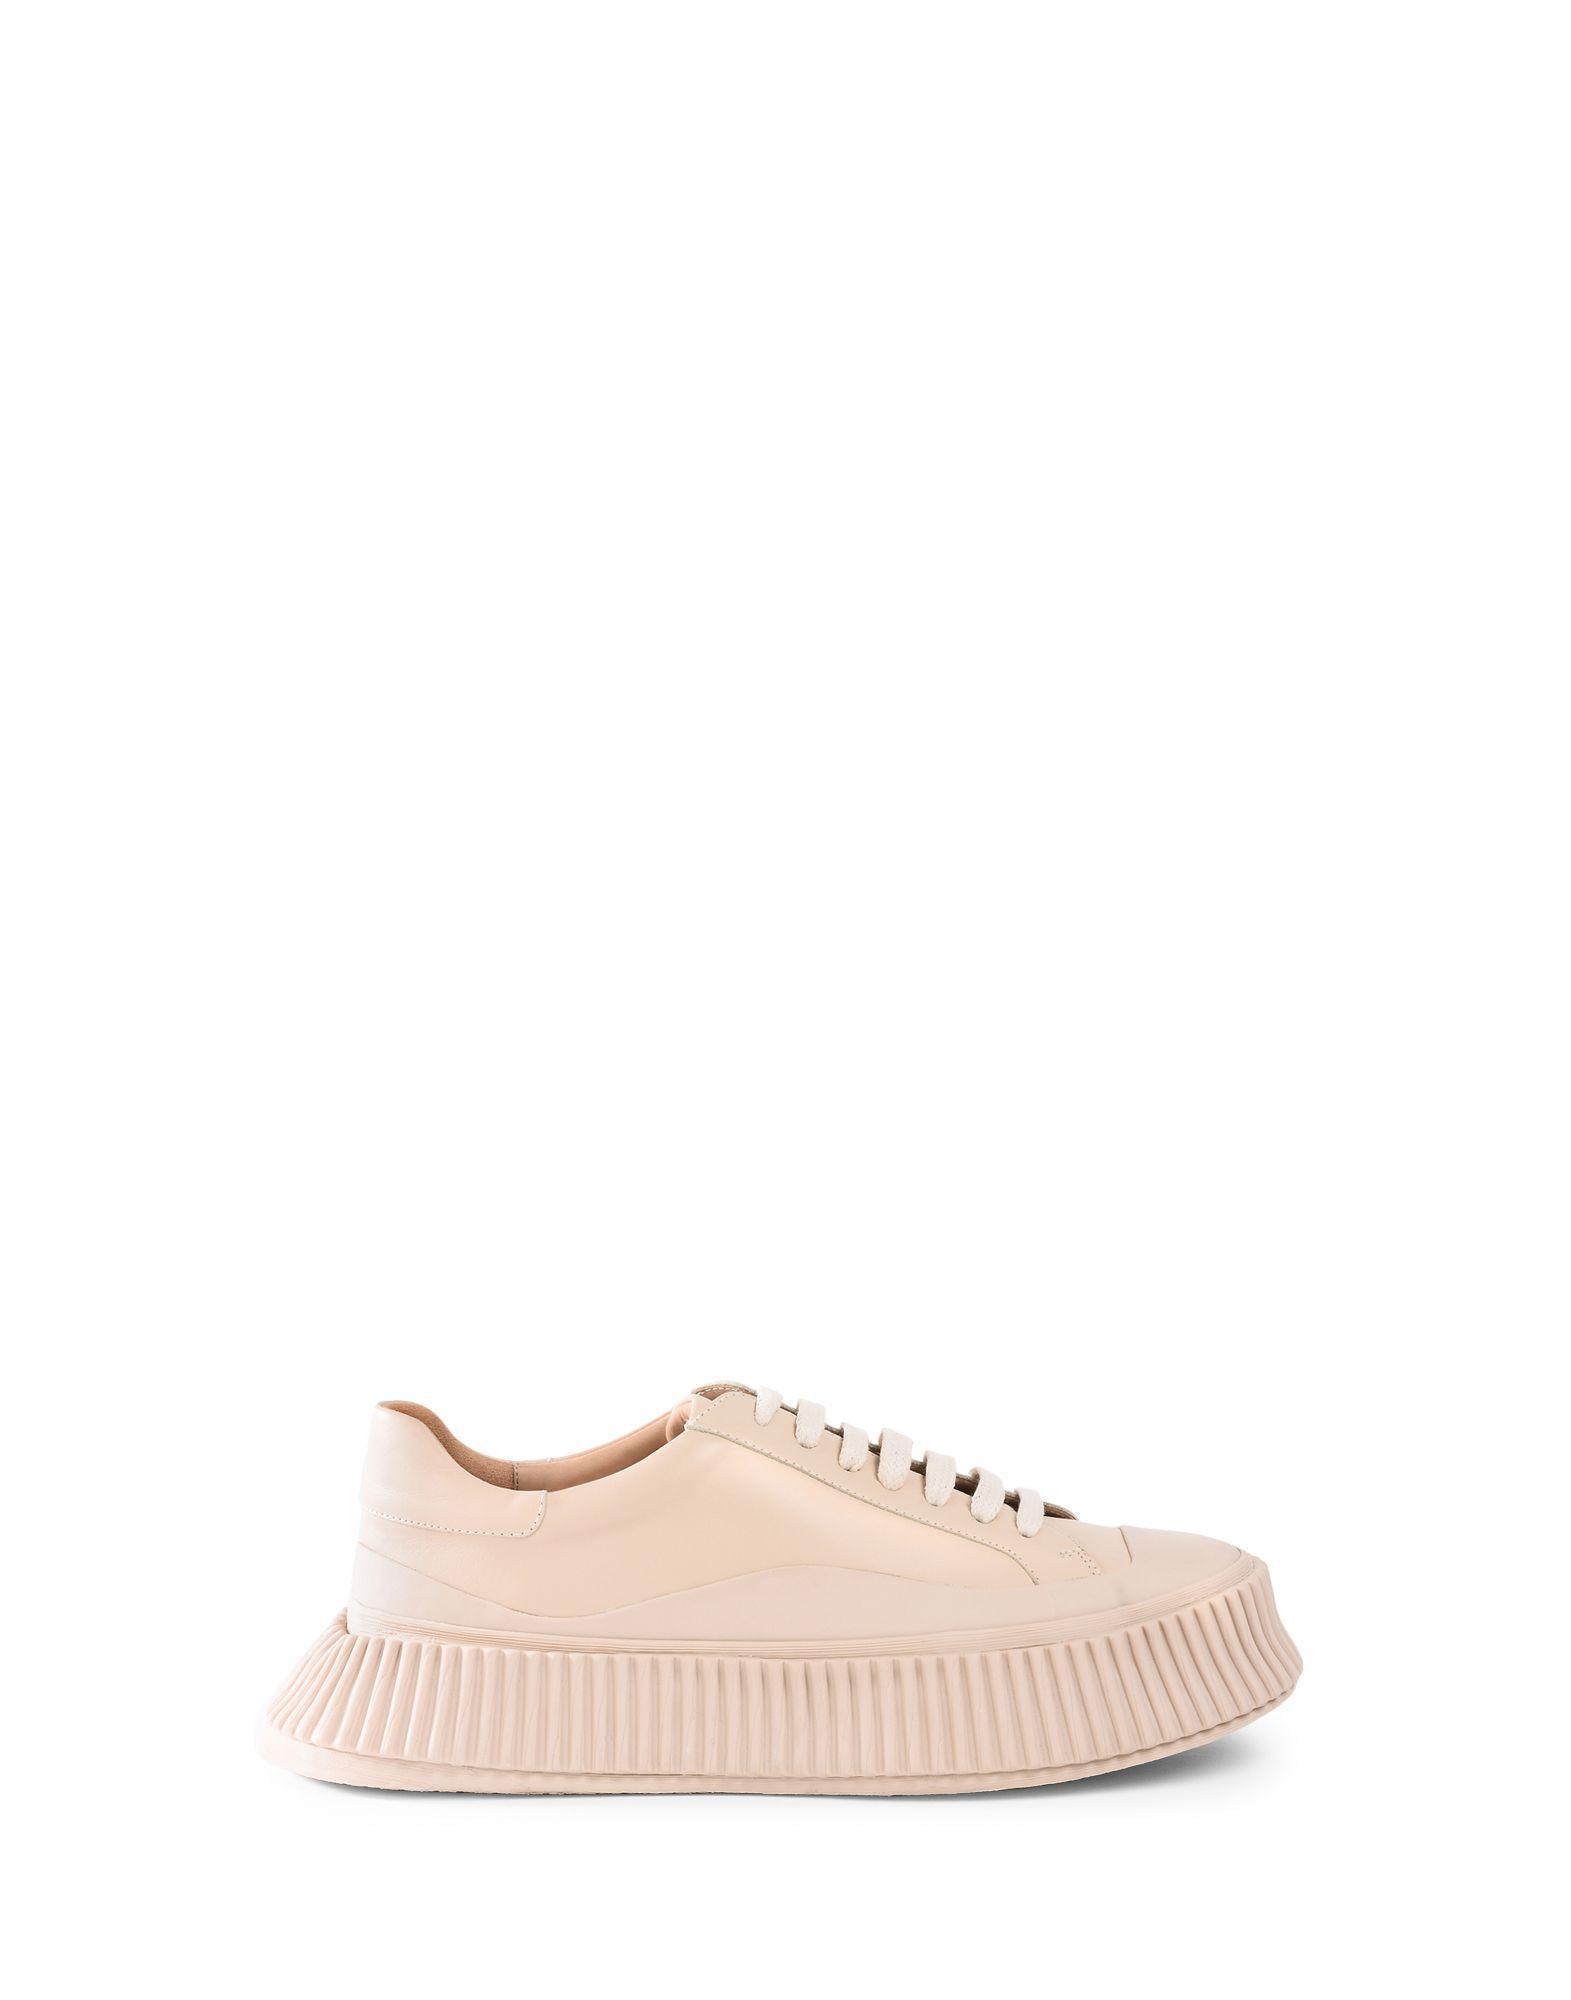 Sneakers - JIL SANDER Online Store  dfe29d0f8